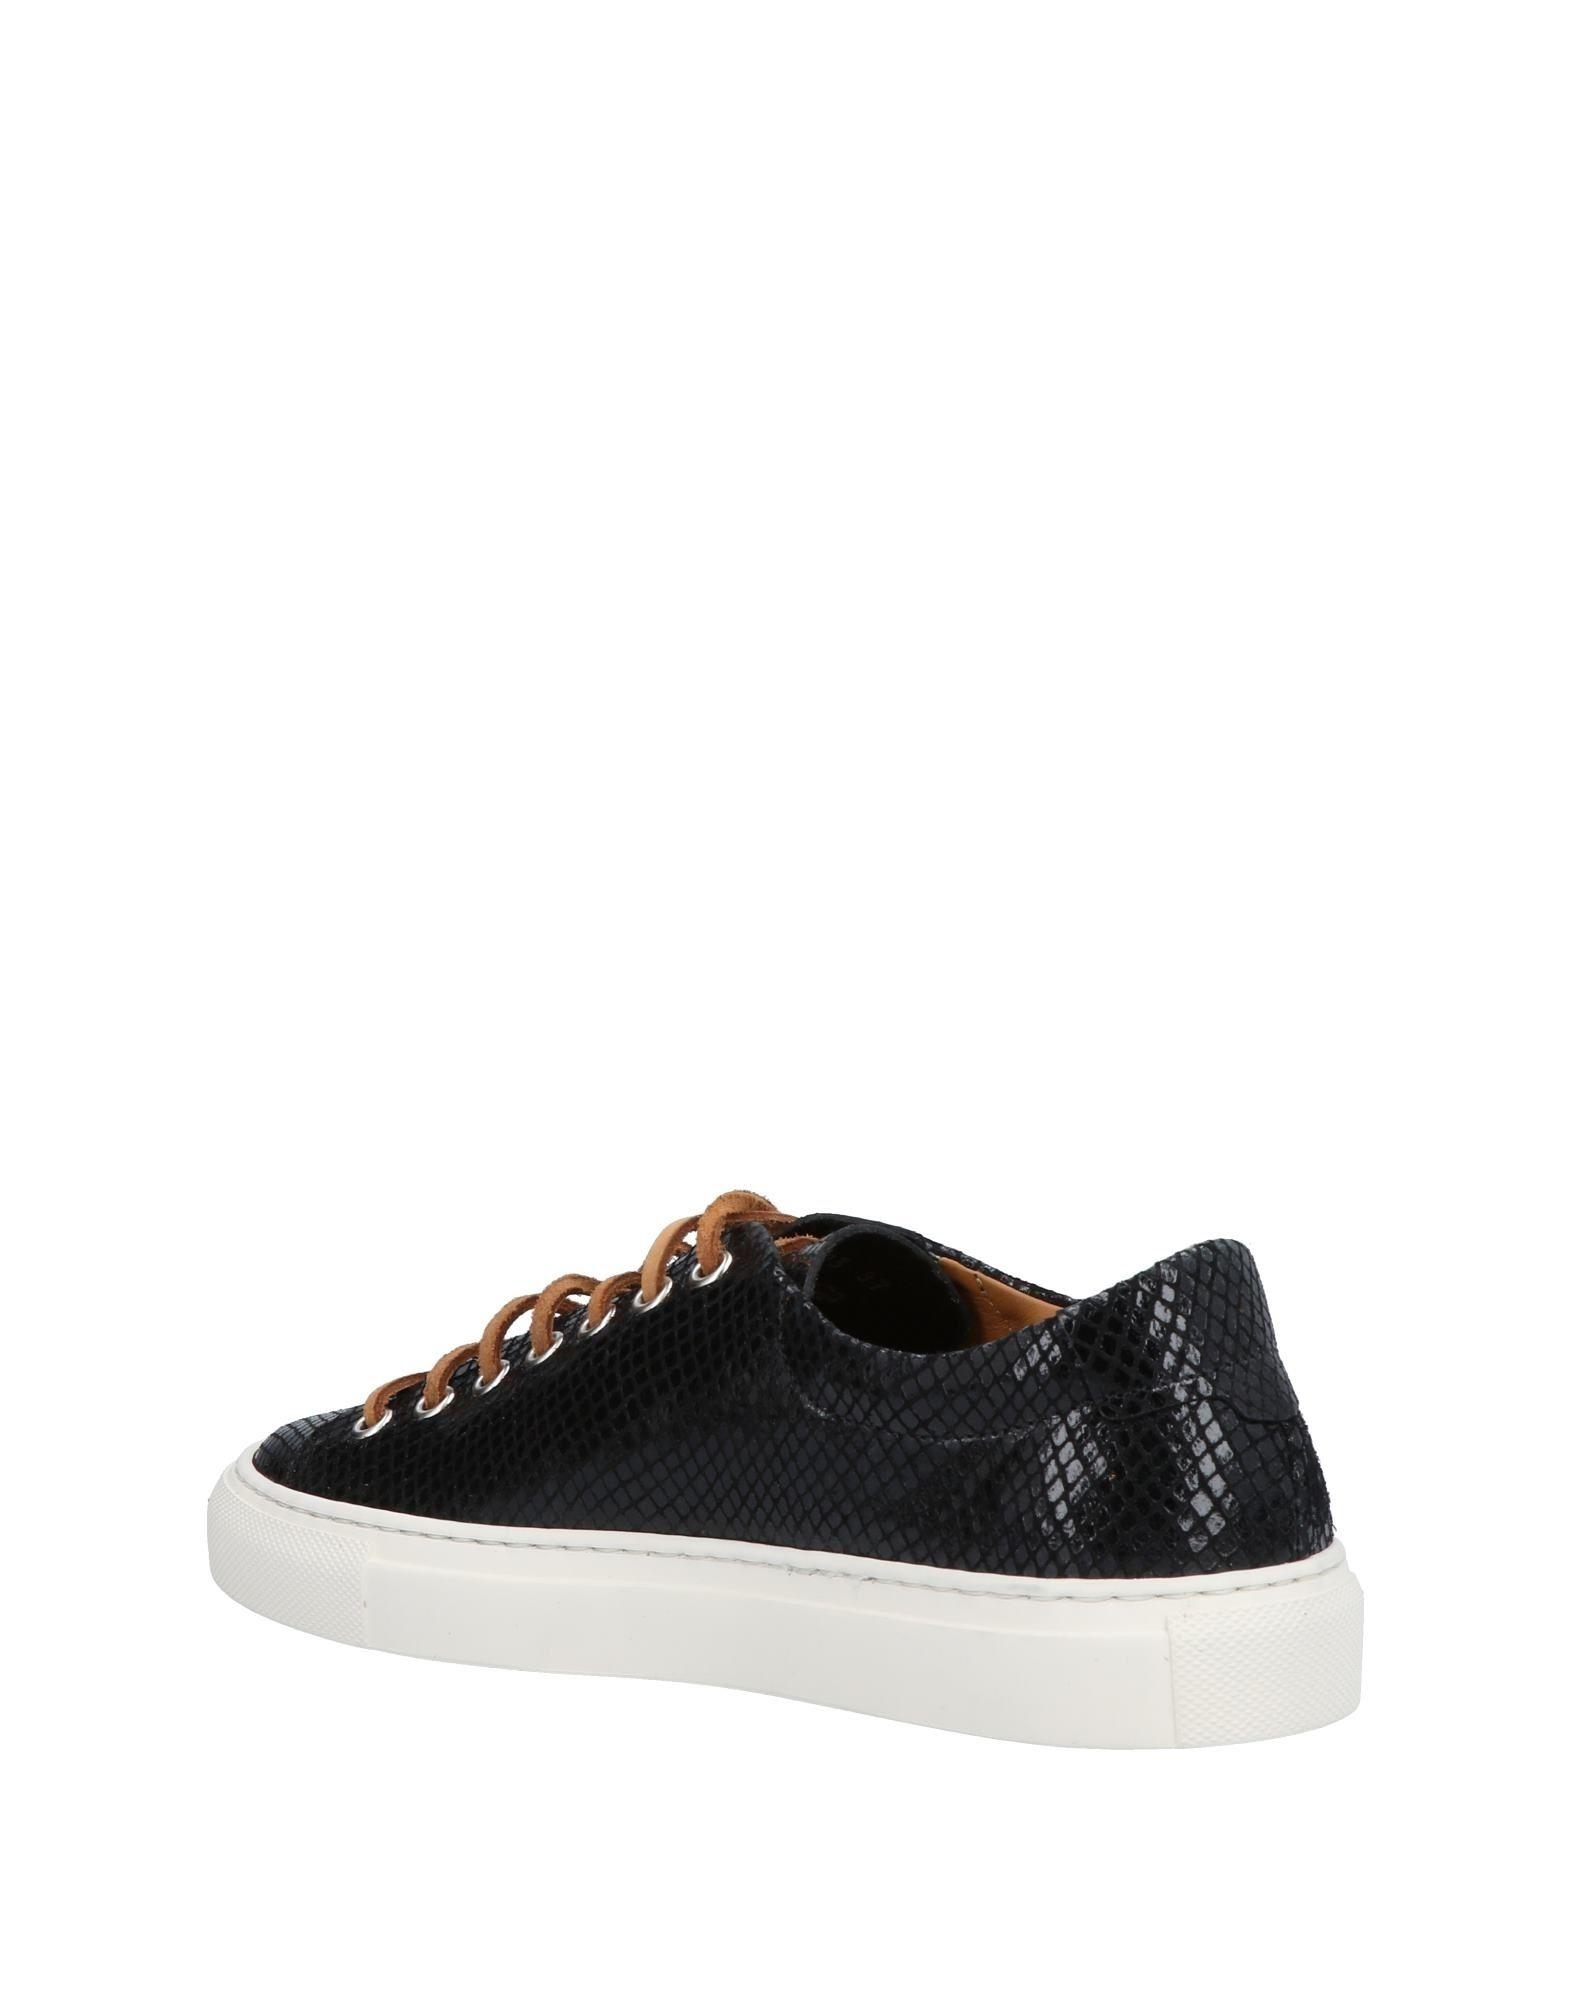 Sneakers Boemos Femme - Sneakers Boemos sur